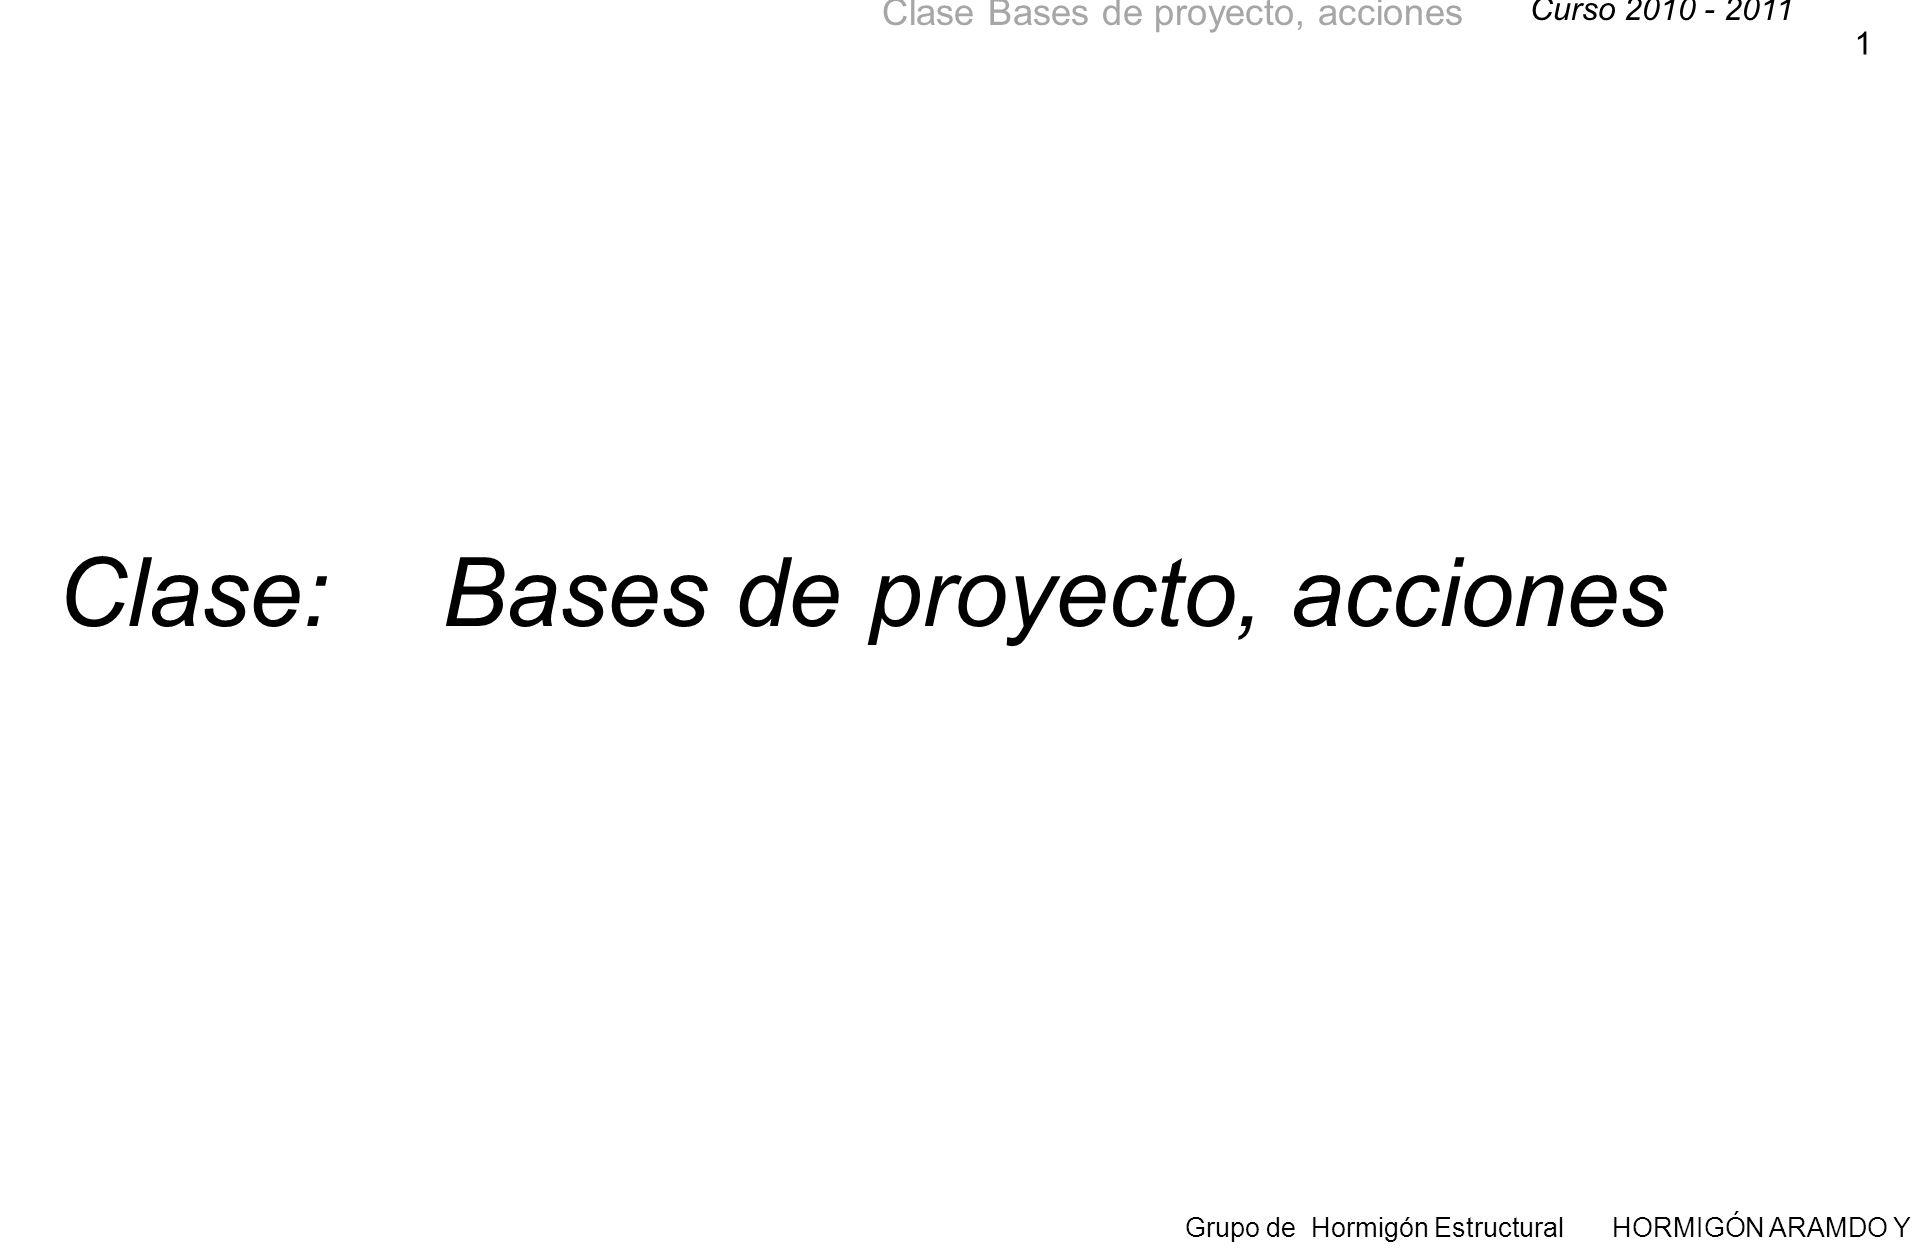 Clase: Bases de proyecto, acciones